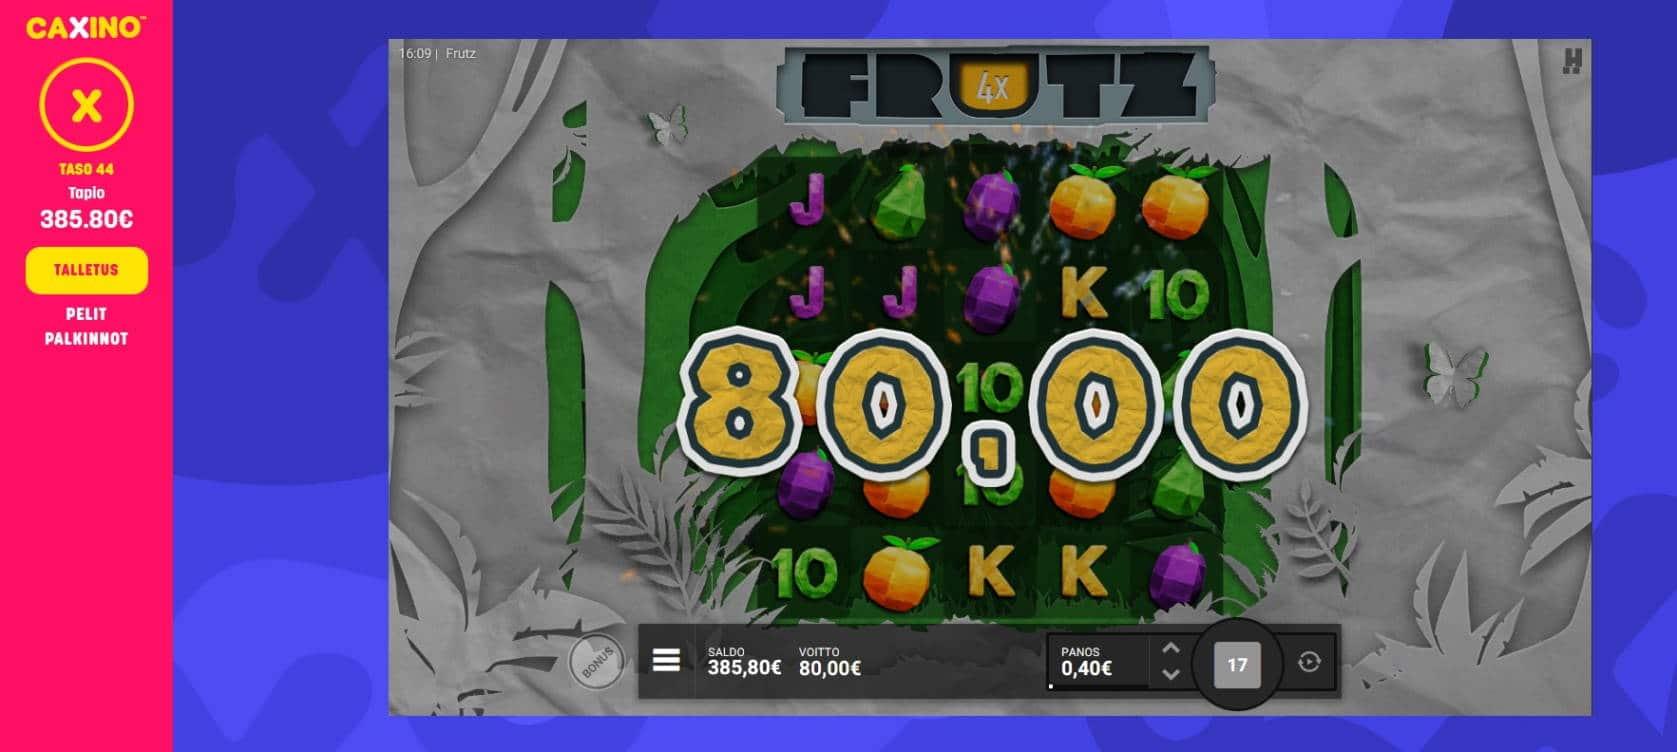 Frutz Casino win picture by Mrmork666 28.4.2021 80e 200X Caxino